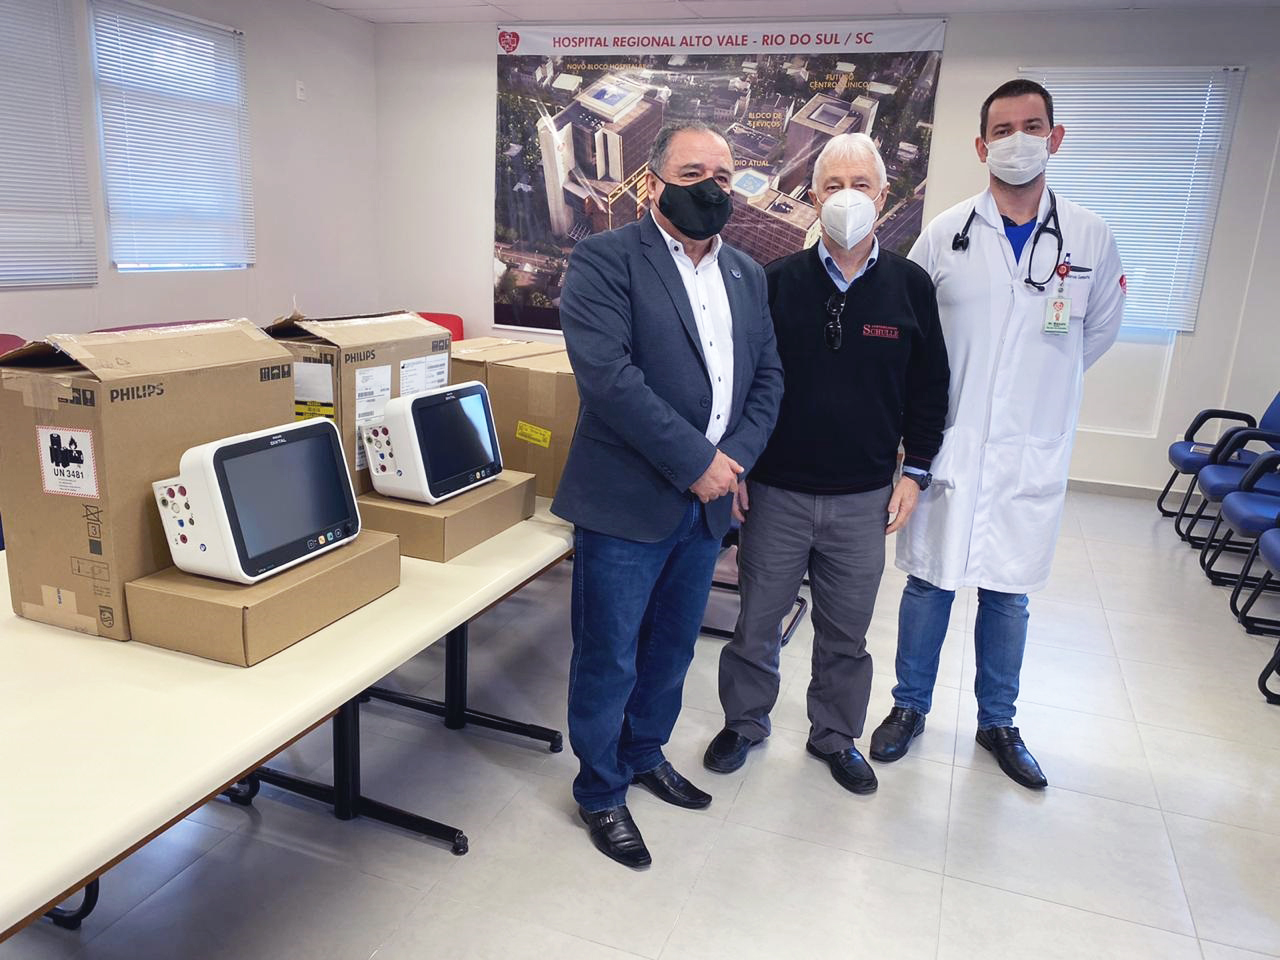 Unidavi faz entrega em comodato de Dois Monitores para Respiradores